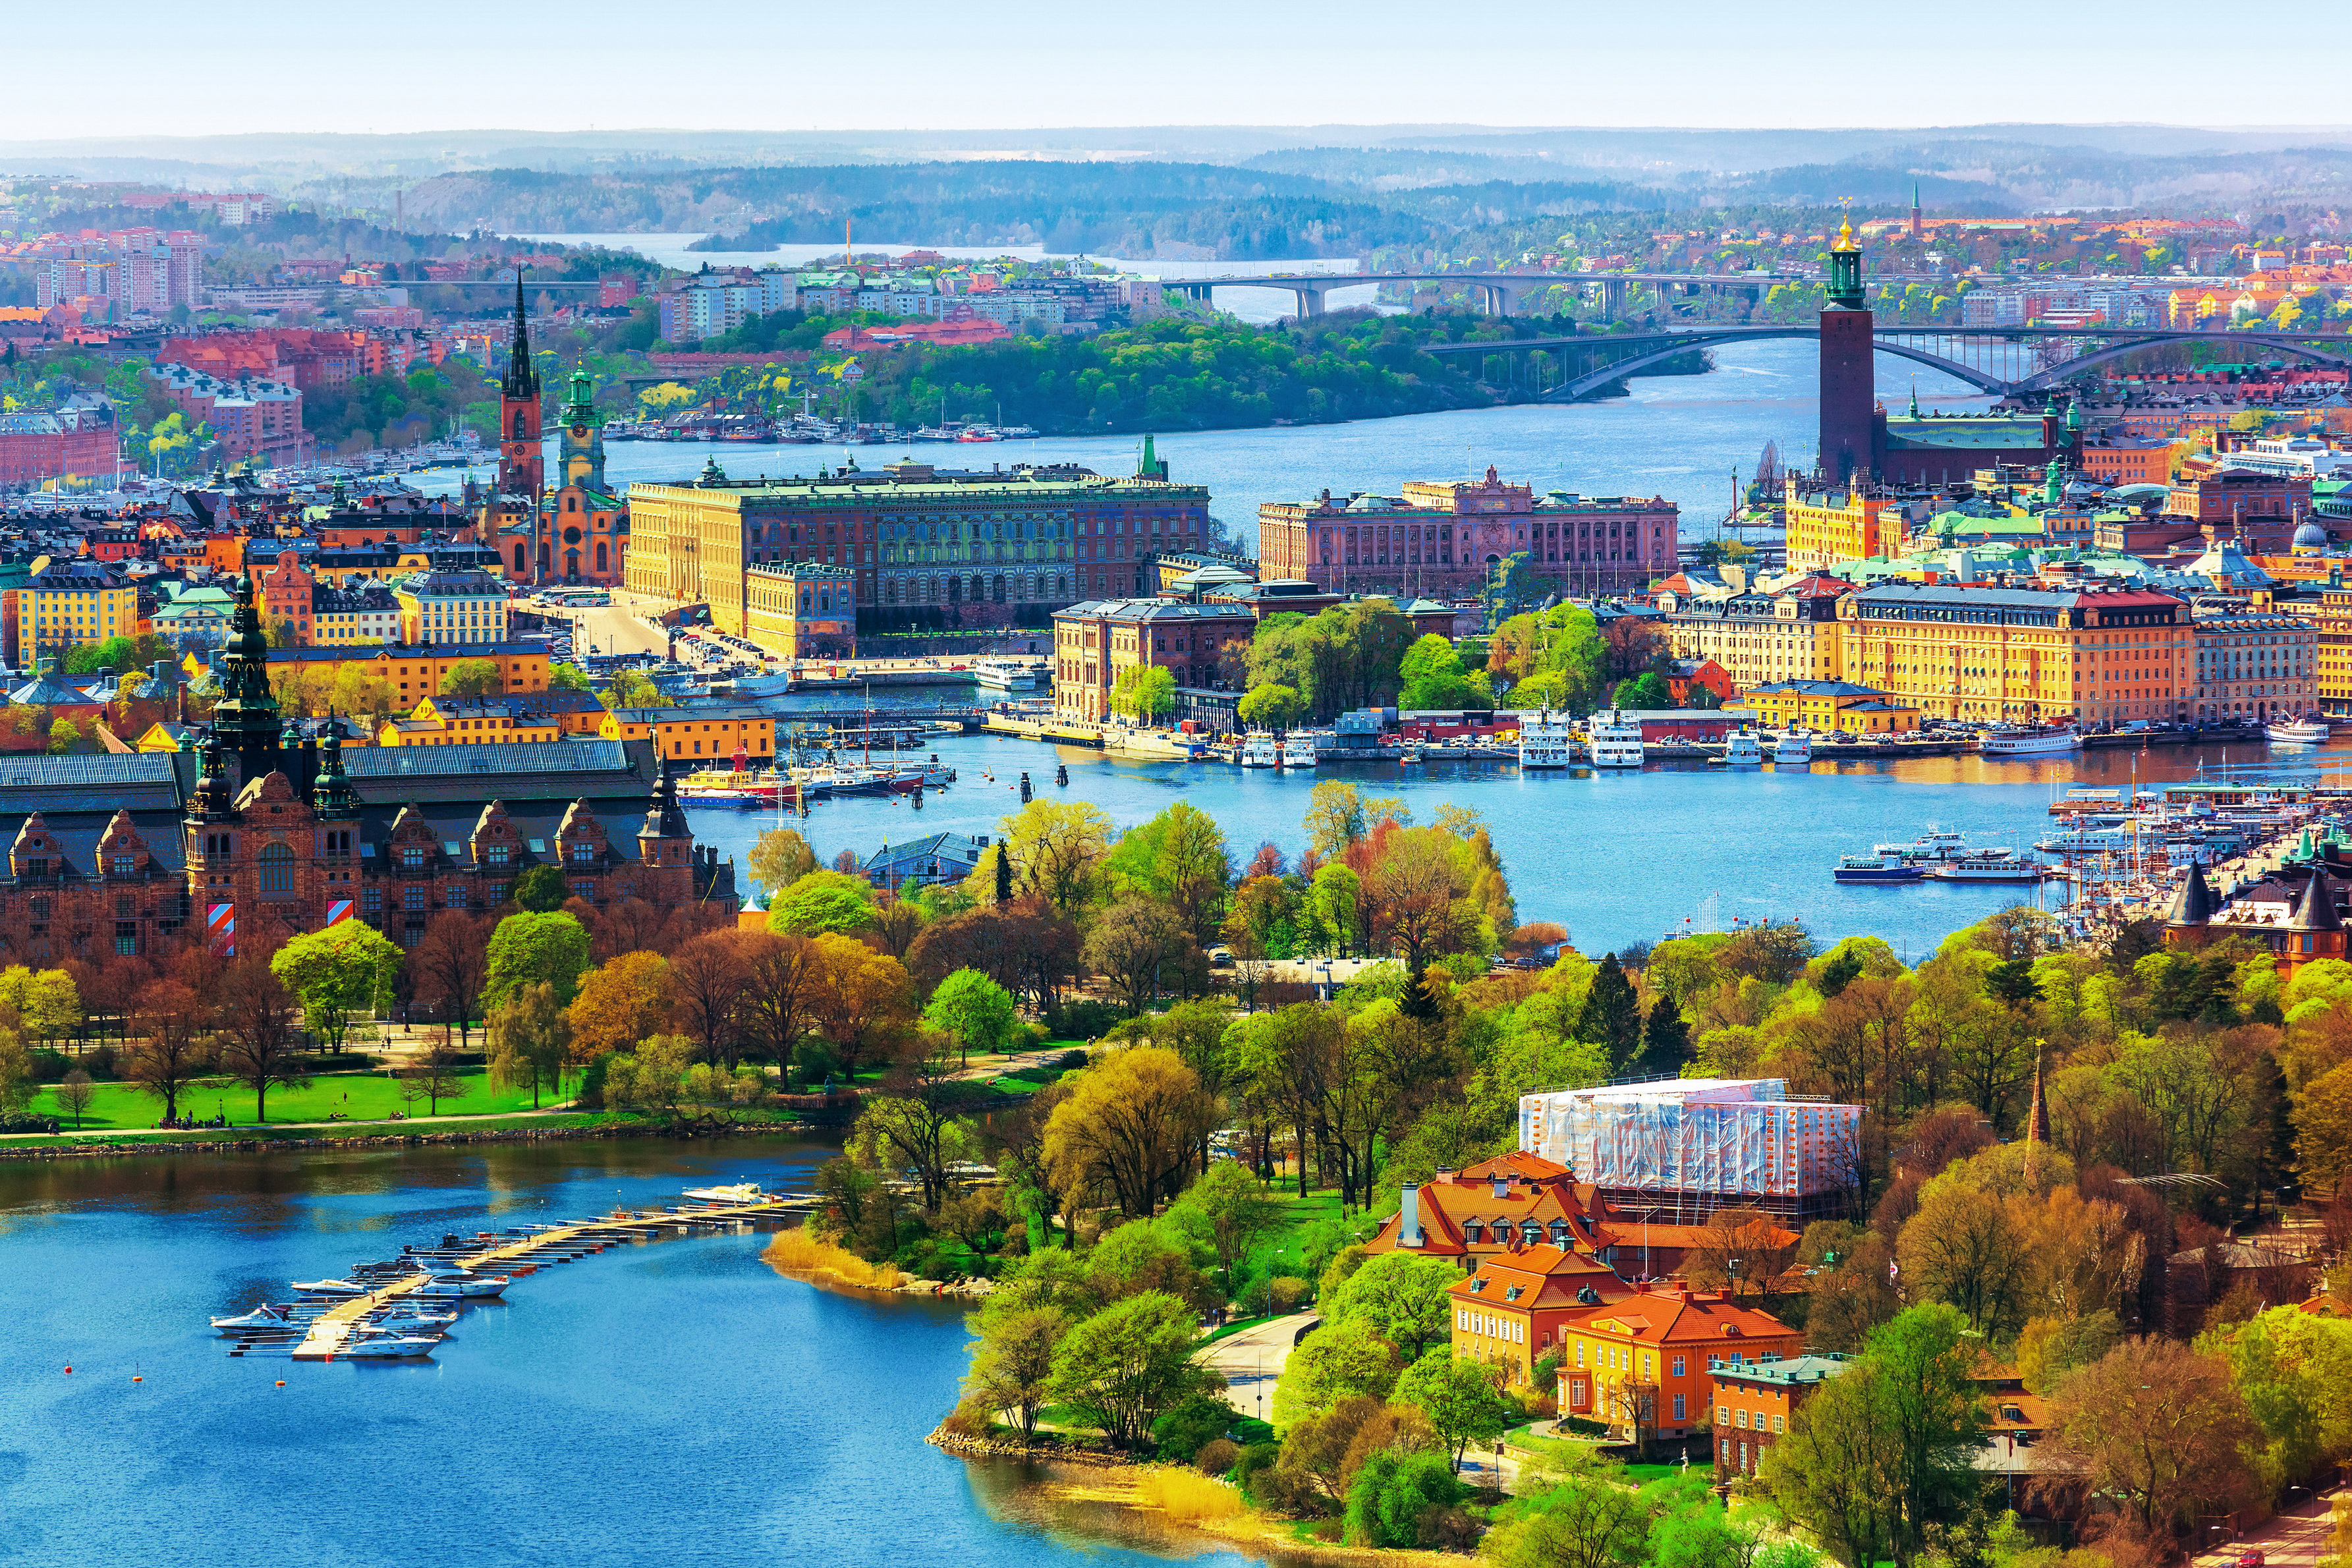 архитектура страны город река Стокгольм Швеция скачать